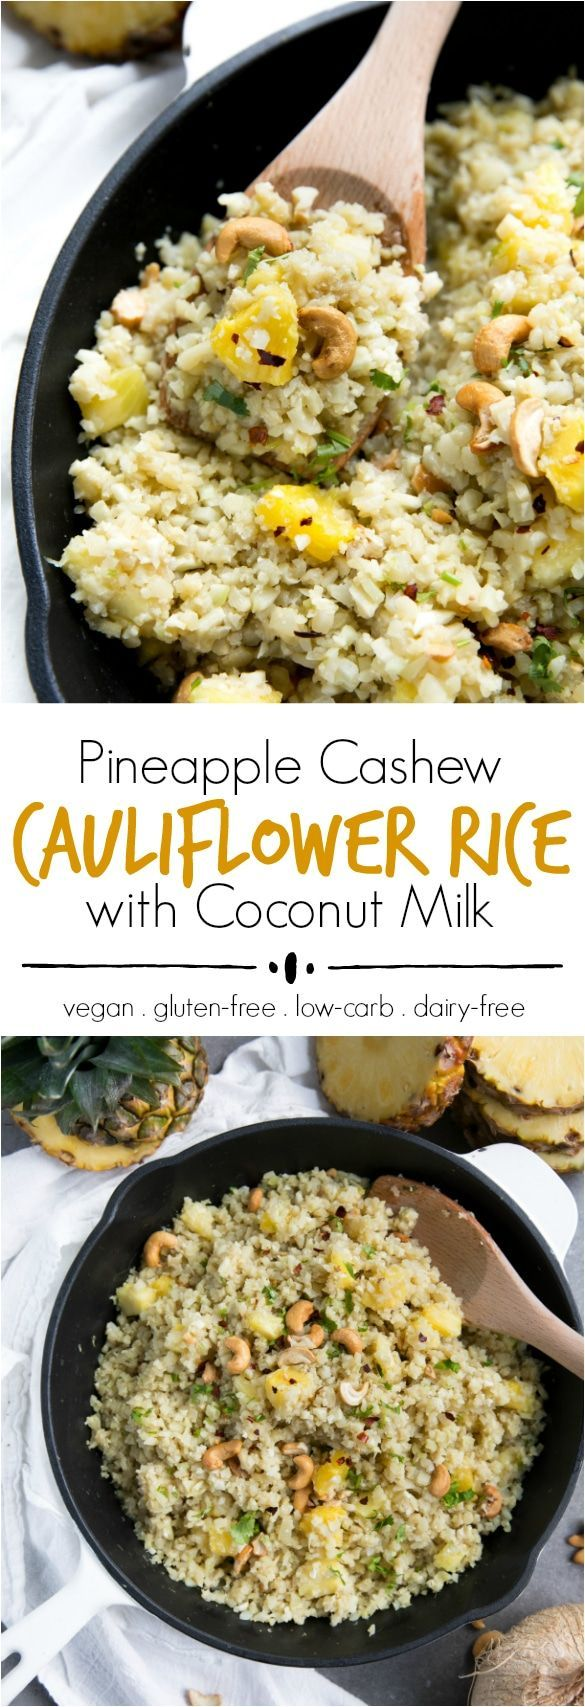 Coconut Milk Vegan Recipes